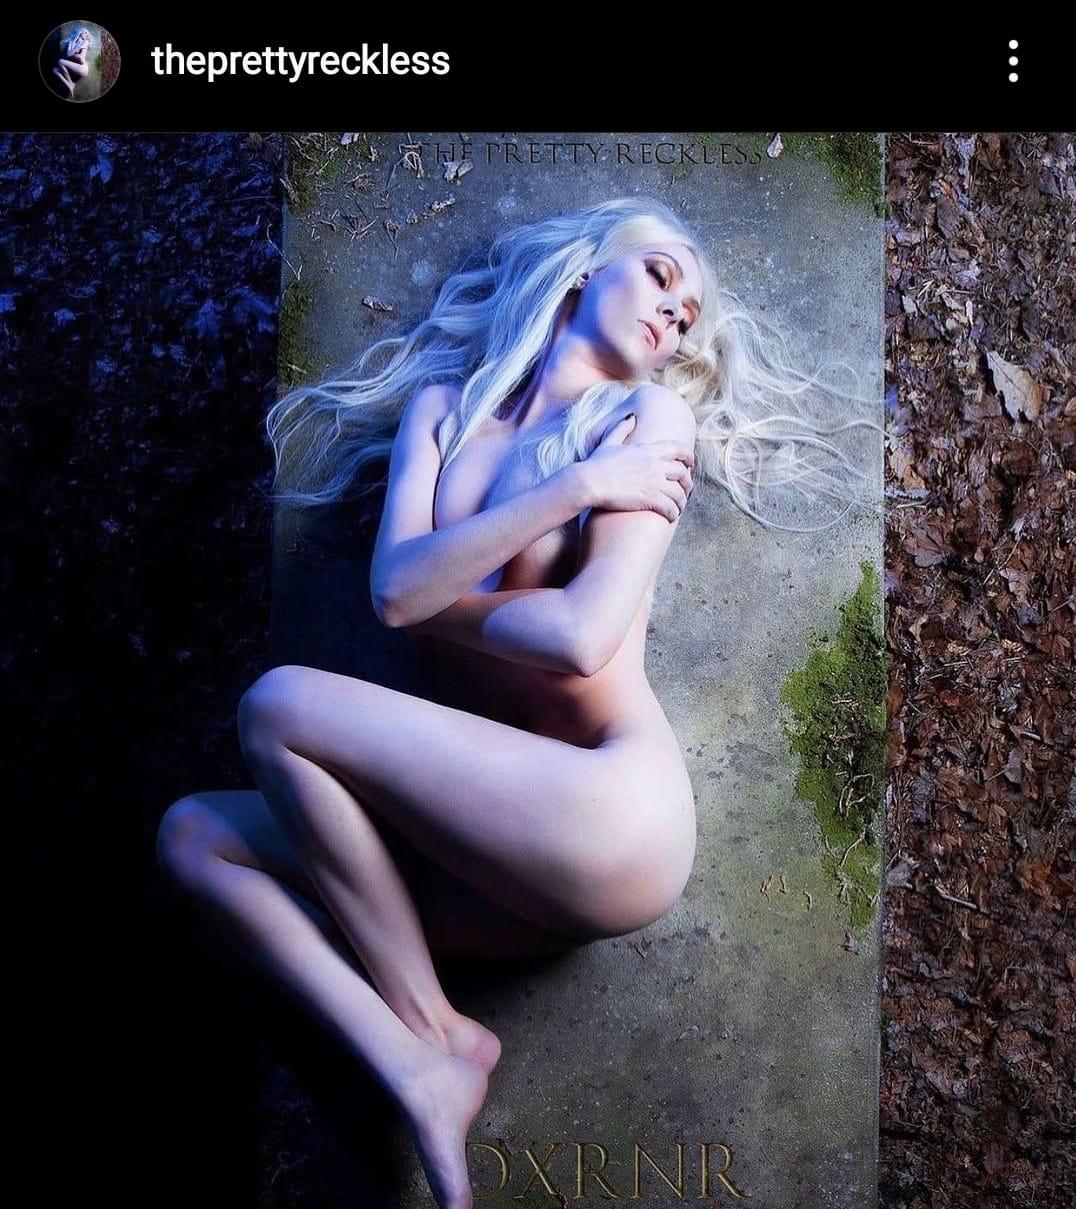 תמונת הקאבר של האלבום החדש, בה אישה שוכבת ערומה על קבר